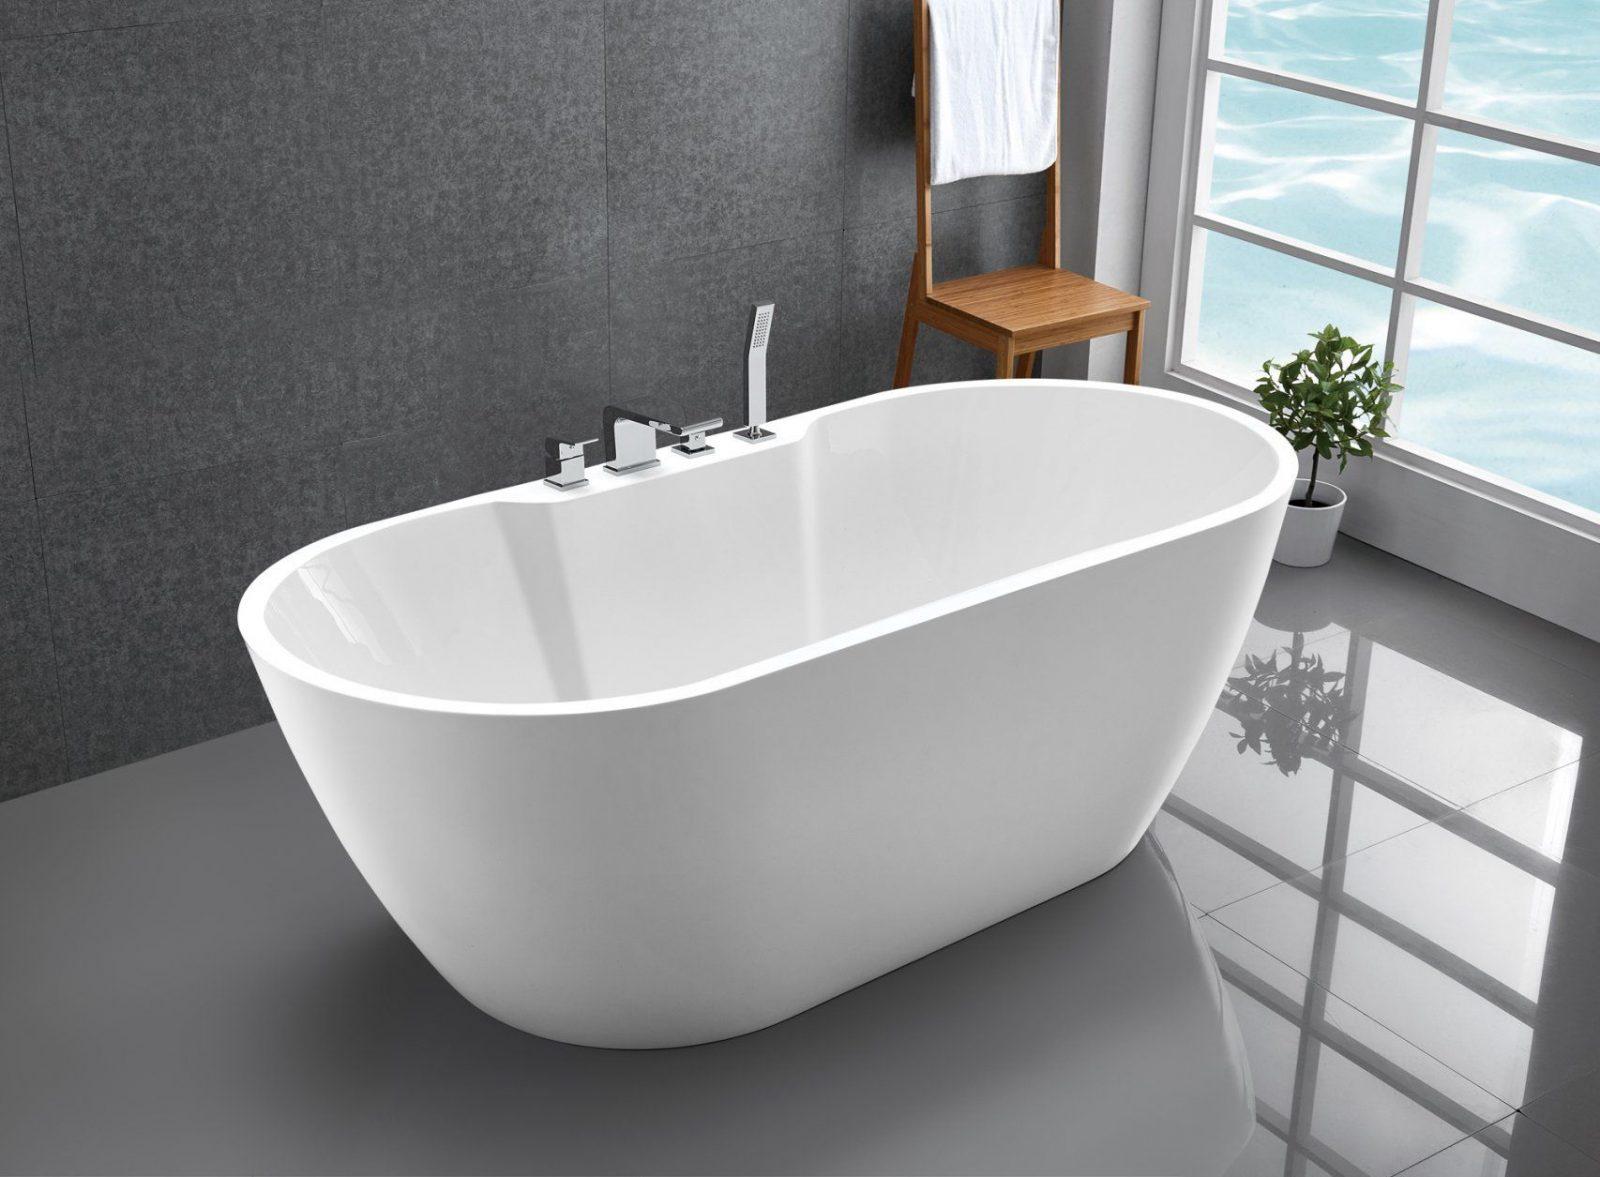 Freistehende Badewanne Jazz Plus Acryl Weiß  170 X 80 Cm Badewelt von Freistehende Badewanne Mineralguss Oder Acryl Photo